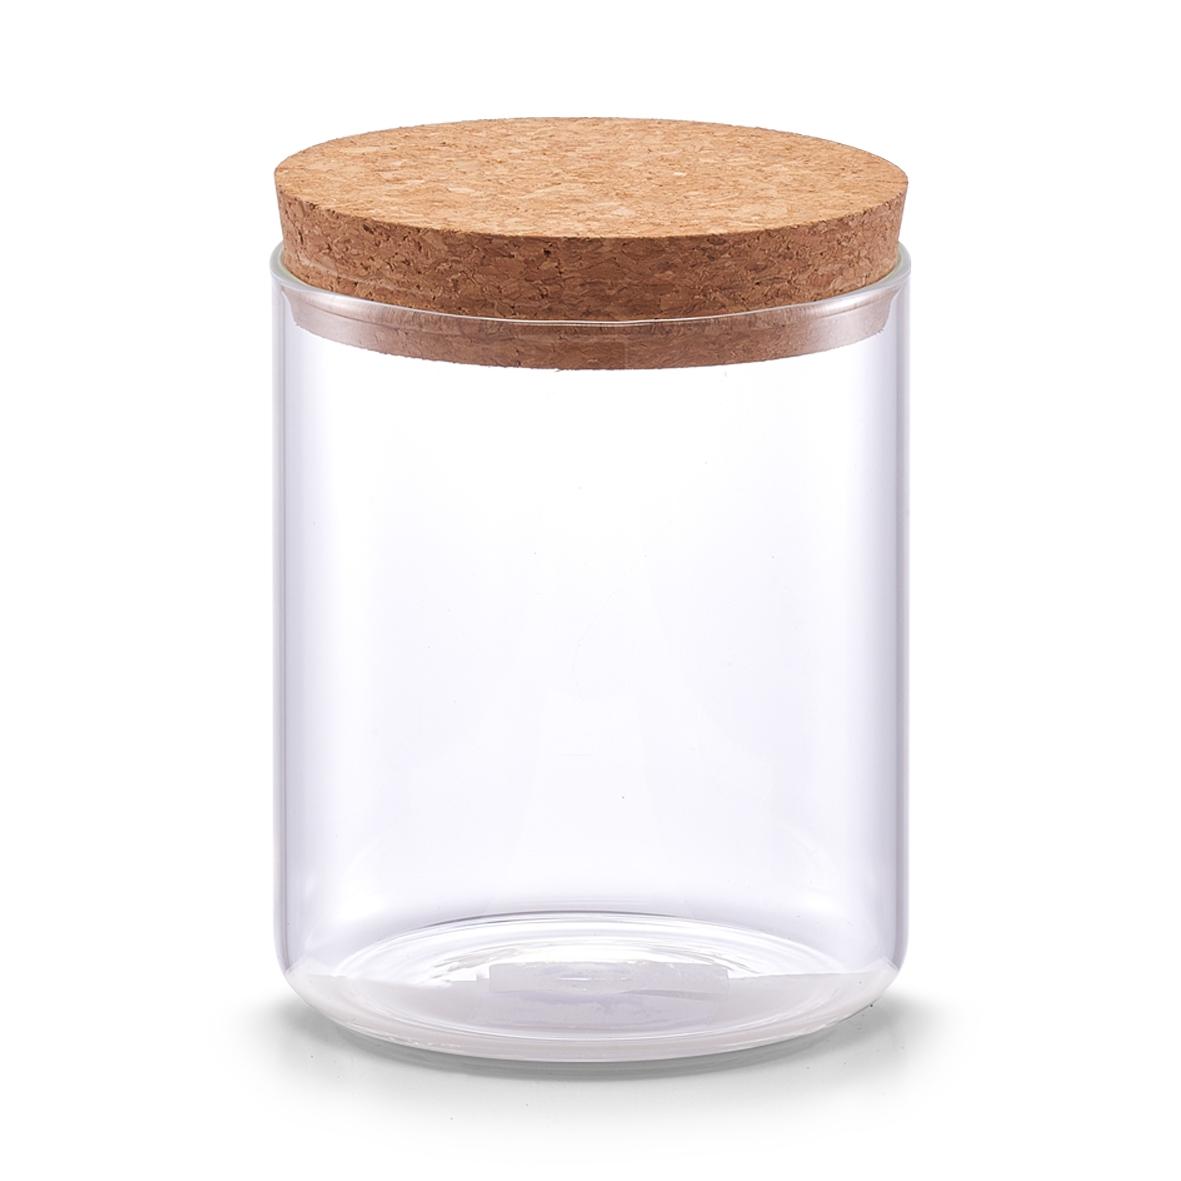 Borcan pentru depozitare cu capac din pluta Transparent Glass A 650 ml O 95xH125 cm